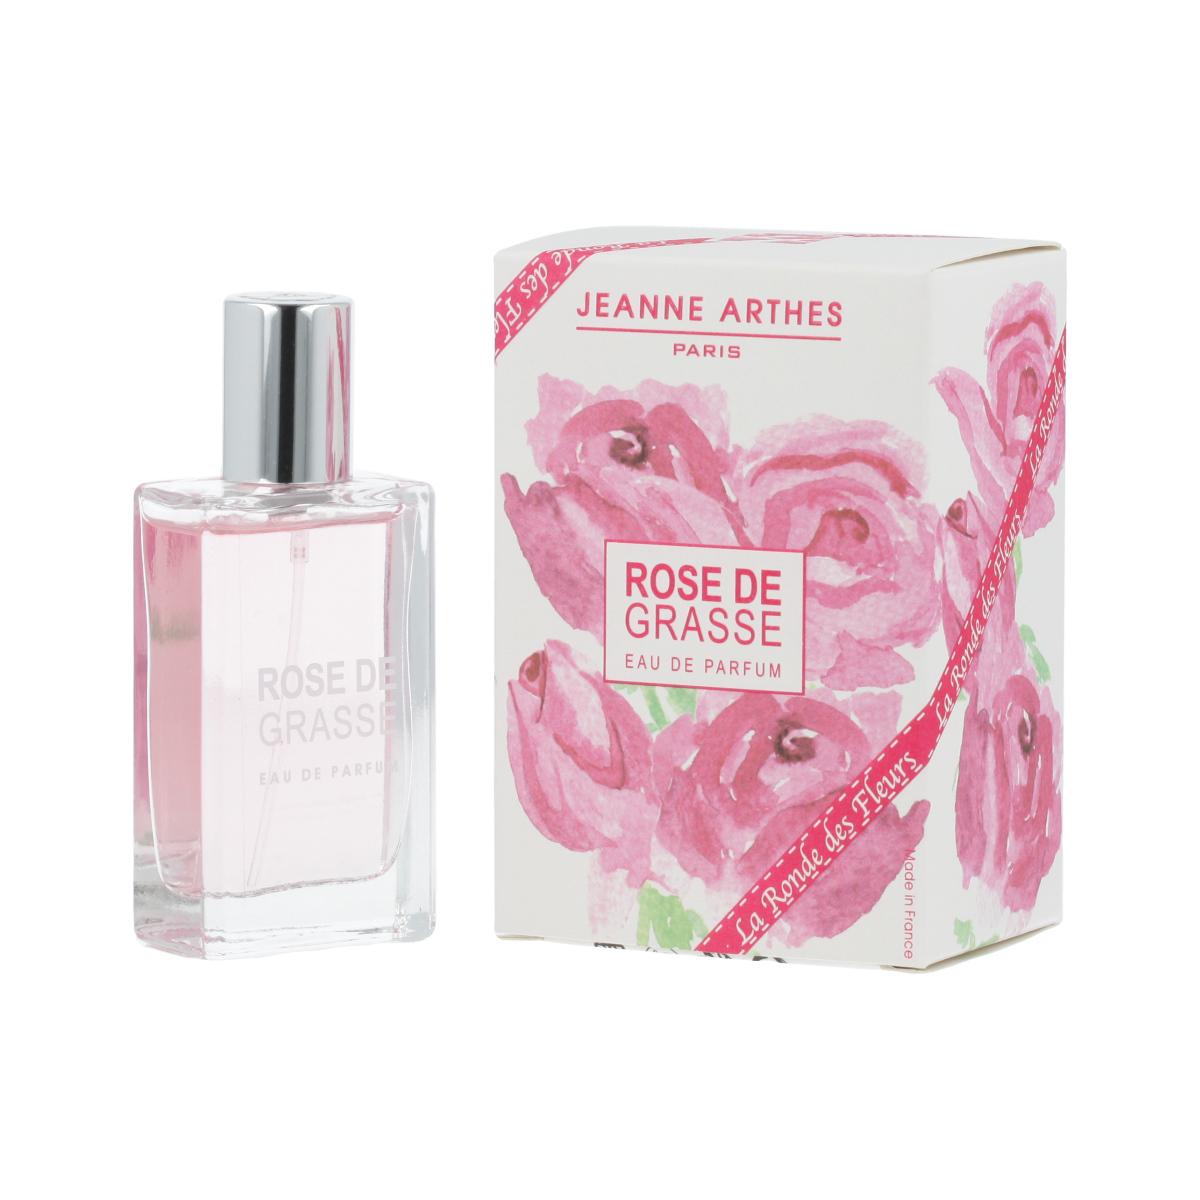 Jeanne Arthes Rose de Grasse Eau De Parfum 30 ml (woman) 13018